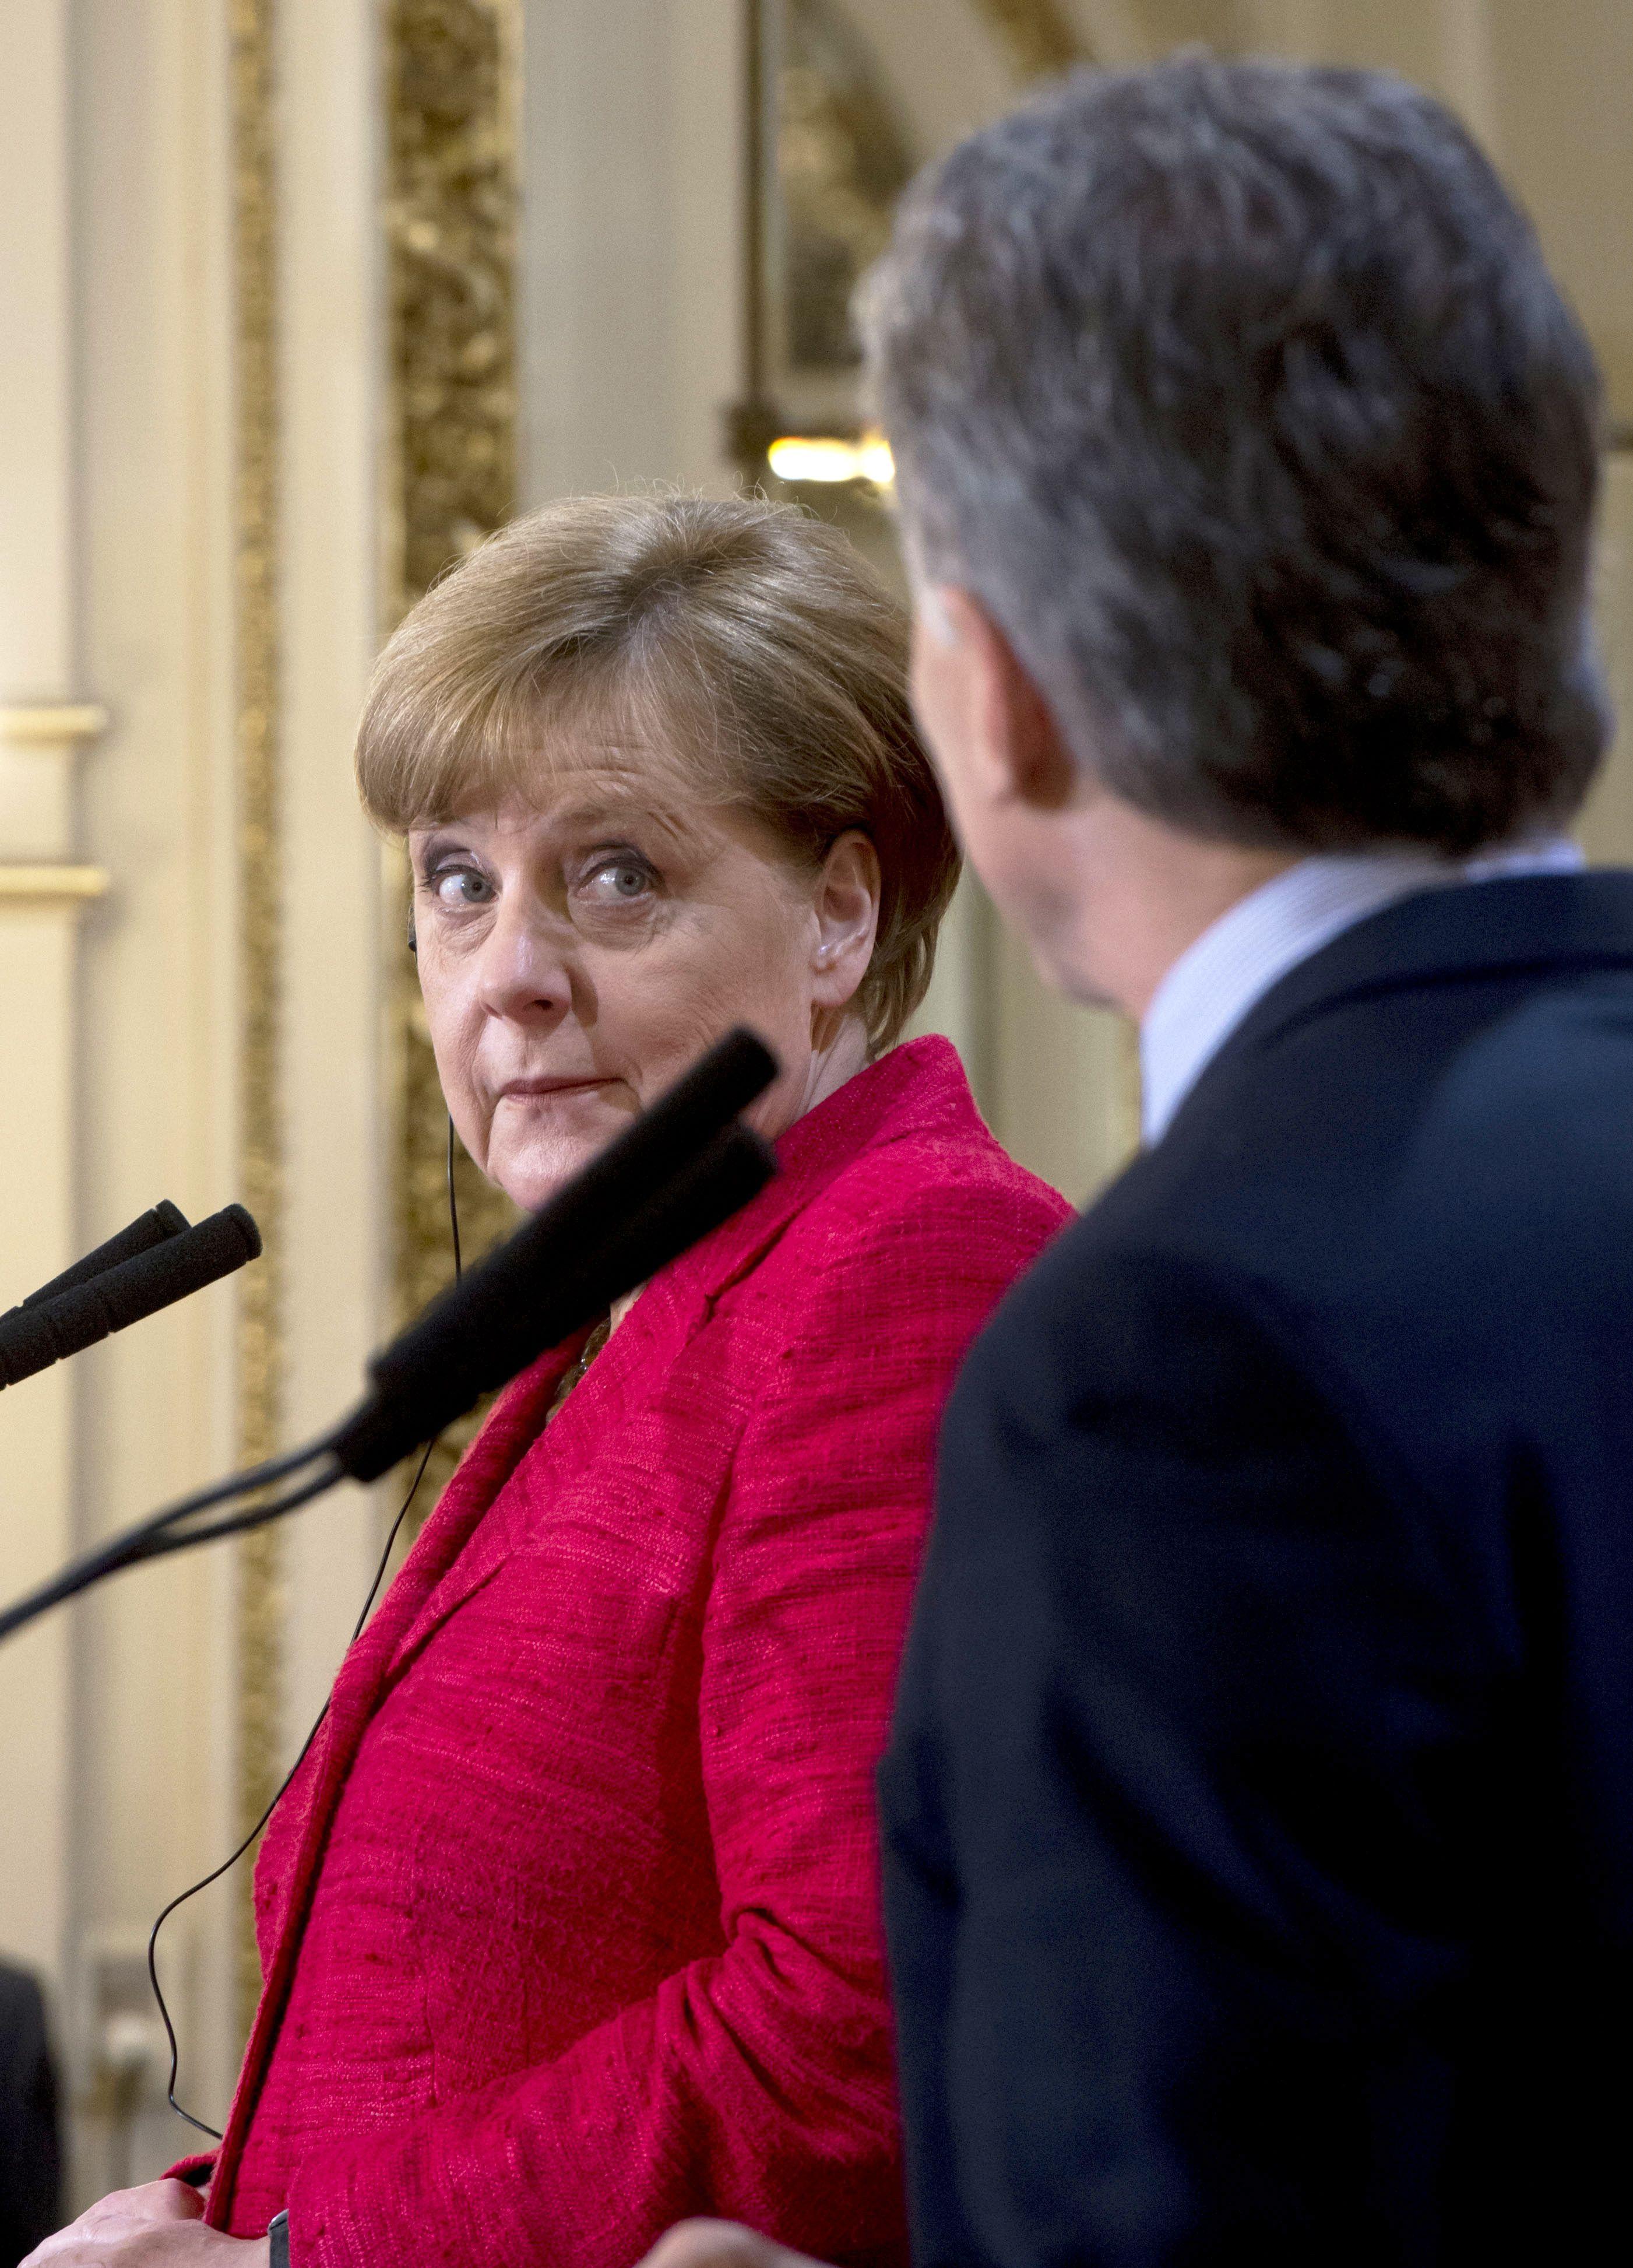 El momento en que la canciller alemana Ángela Merkel mira a Mauricio Macri tras el chiste que le hace el Presidente.